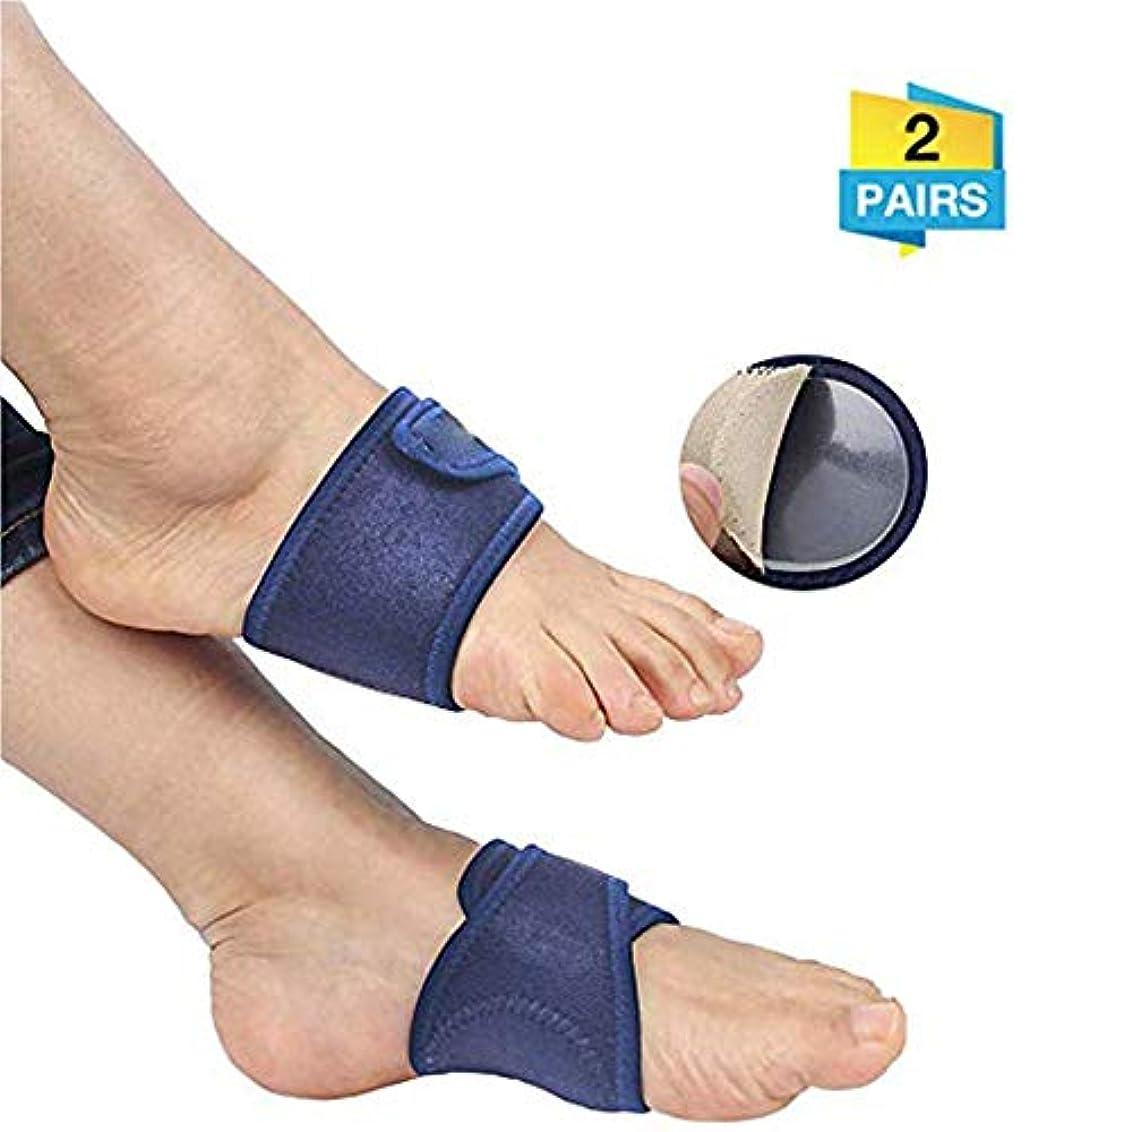 法廷可決手入れアーチサポートパッド シューインサート にとって 高アーチ、 通気性 スポンジマット 青 フットパッド アーチストラップ、 平らな足の痛み、 キャバスフット、 足底筋膜炎 (2ペア)